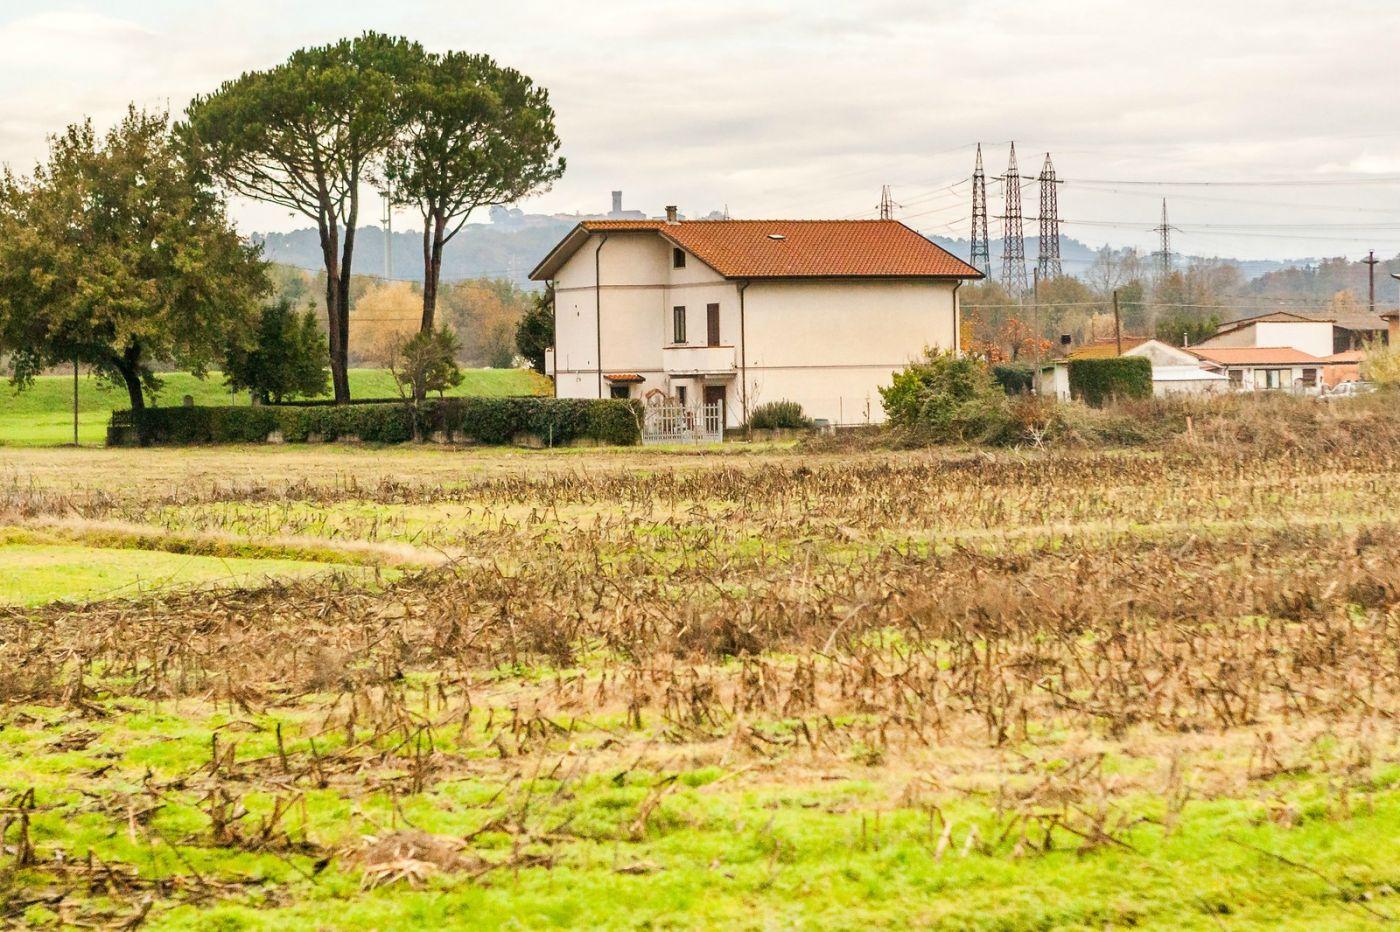 意大利路途,秋后的农村_图1-4